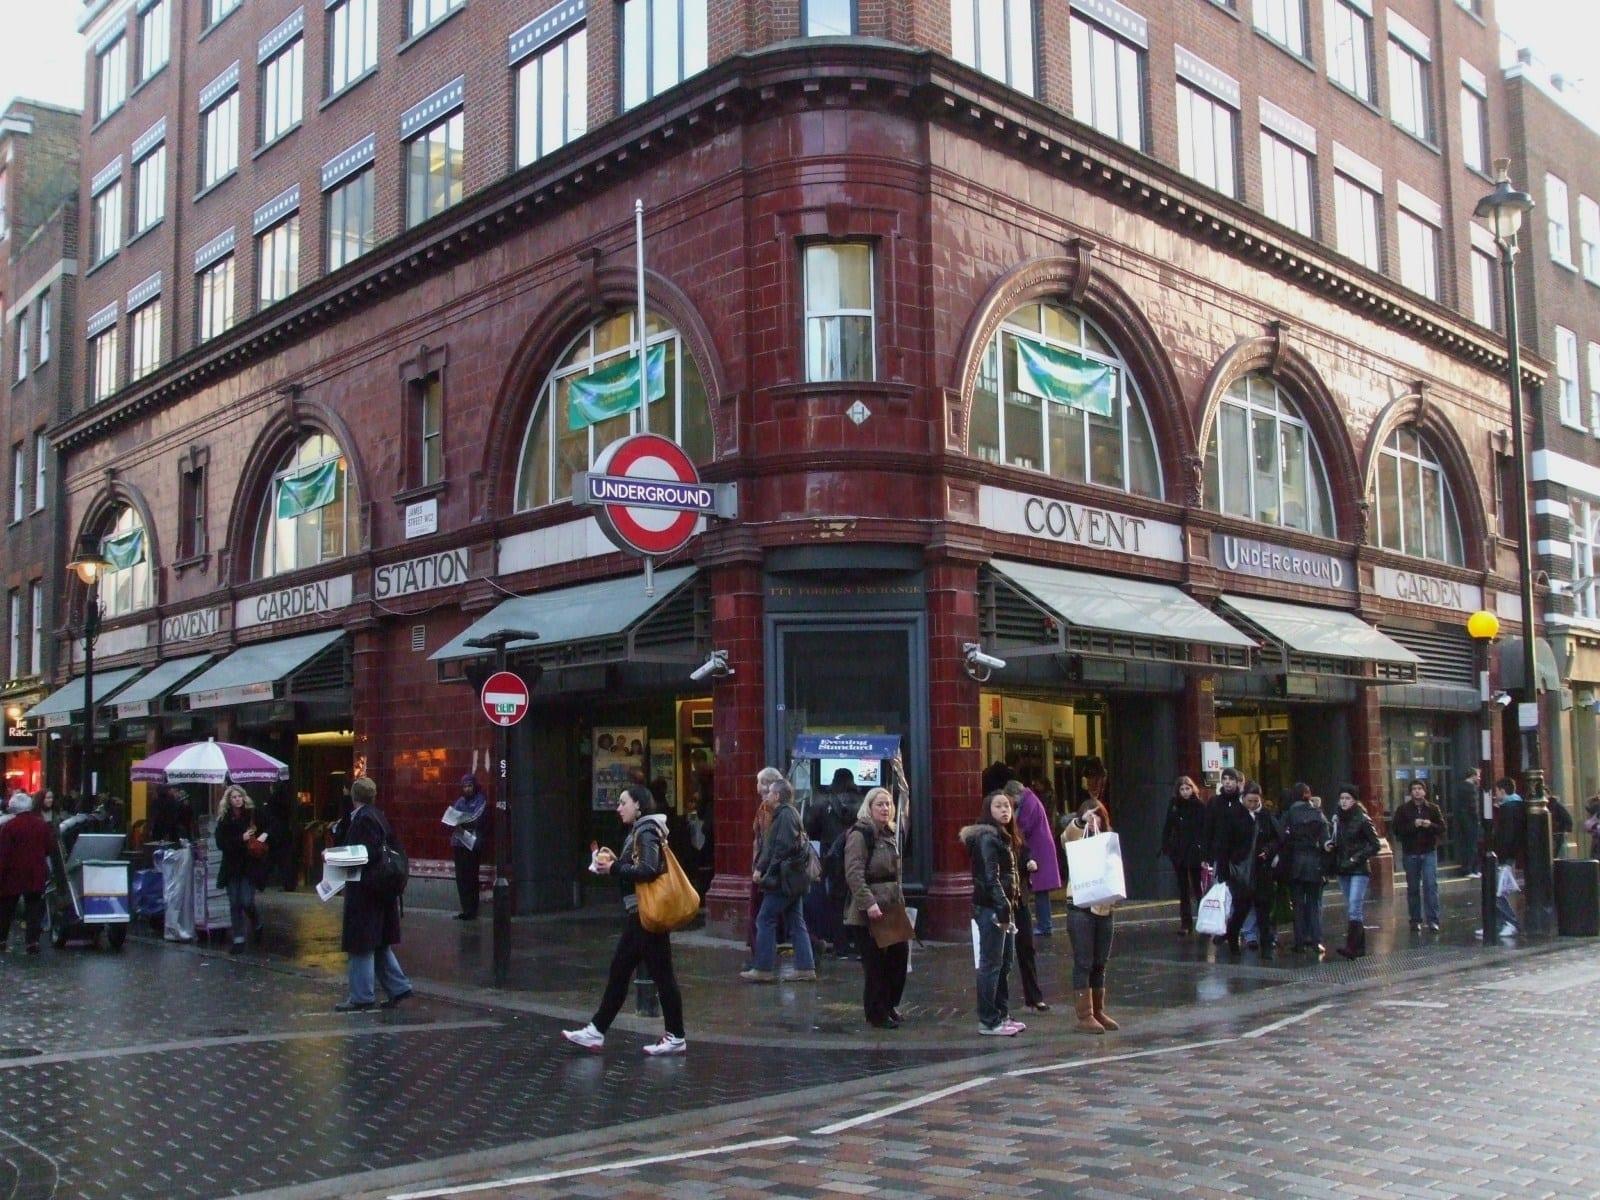 Mercado con comida: Covent Garden